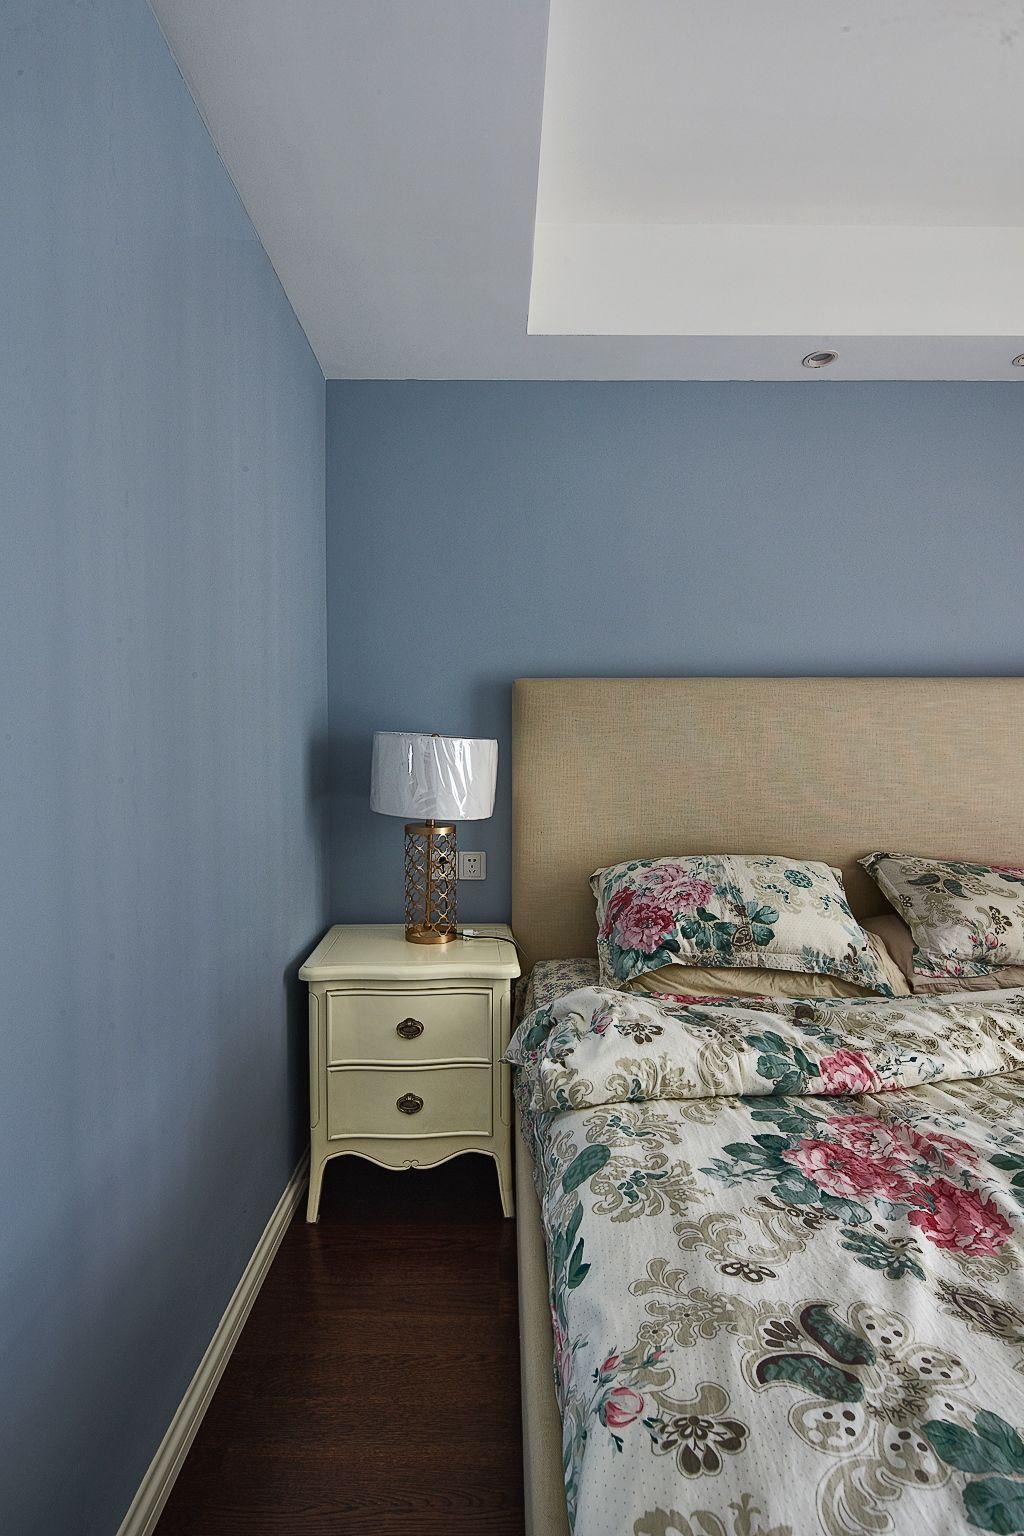 蓝灰色简约美式卧室背景墙装饰效果图